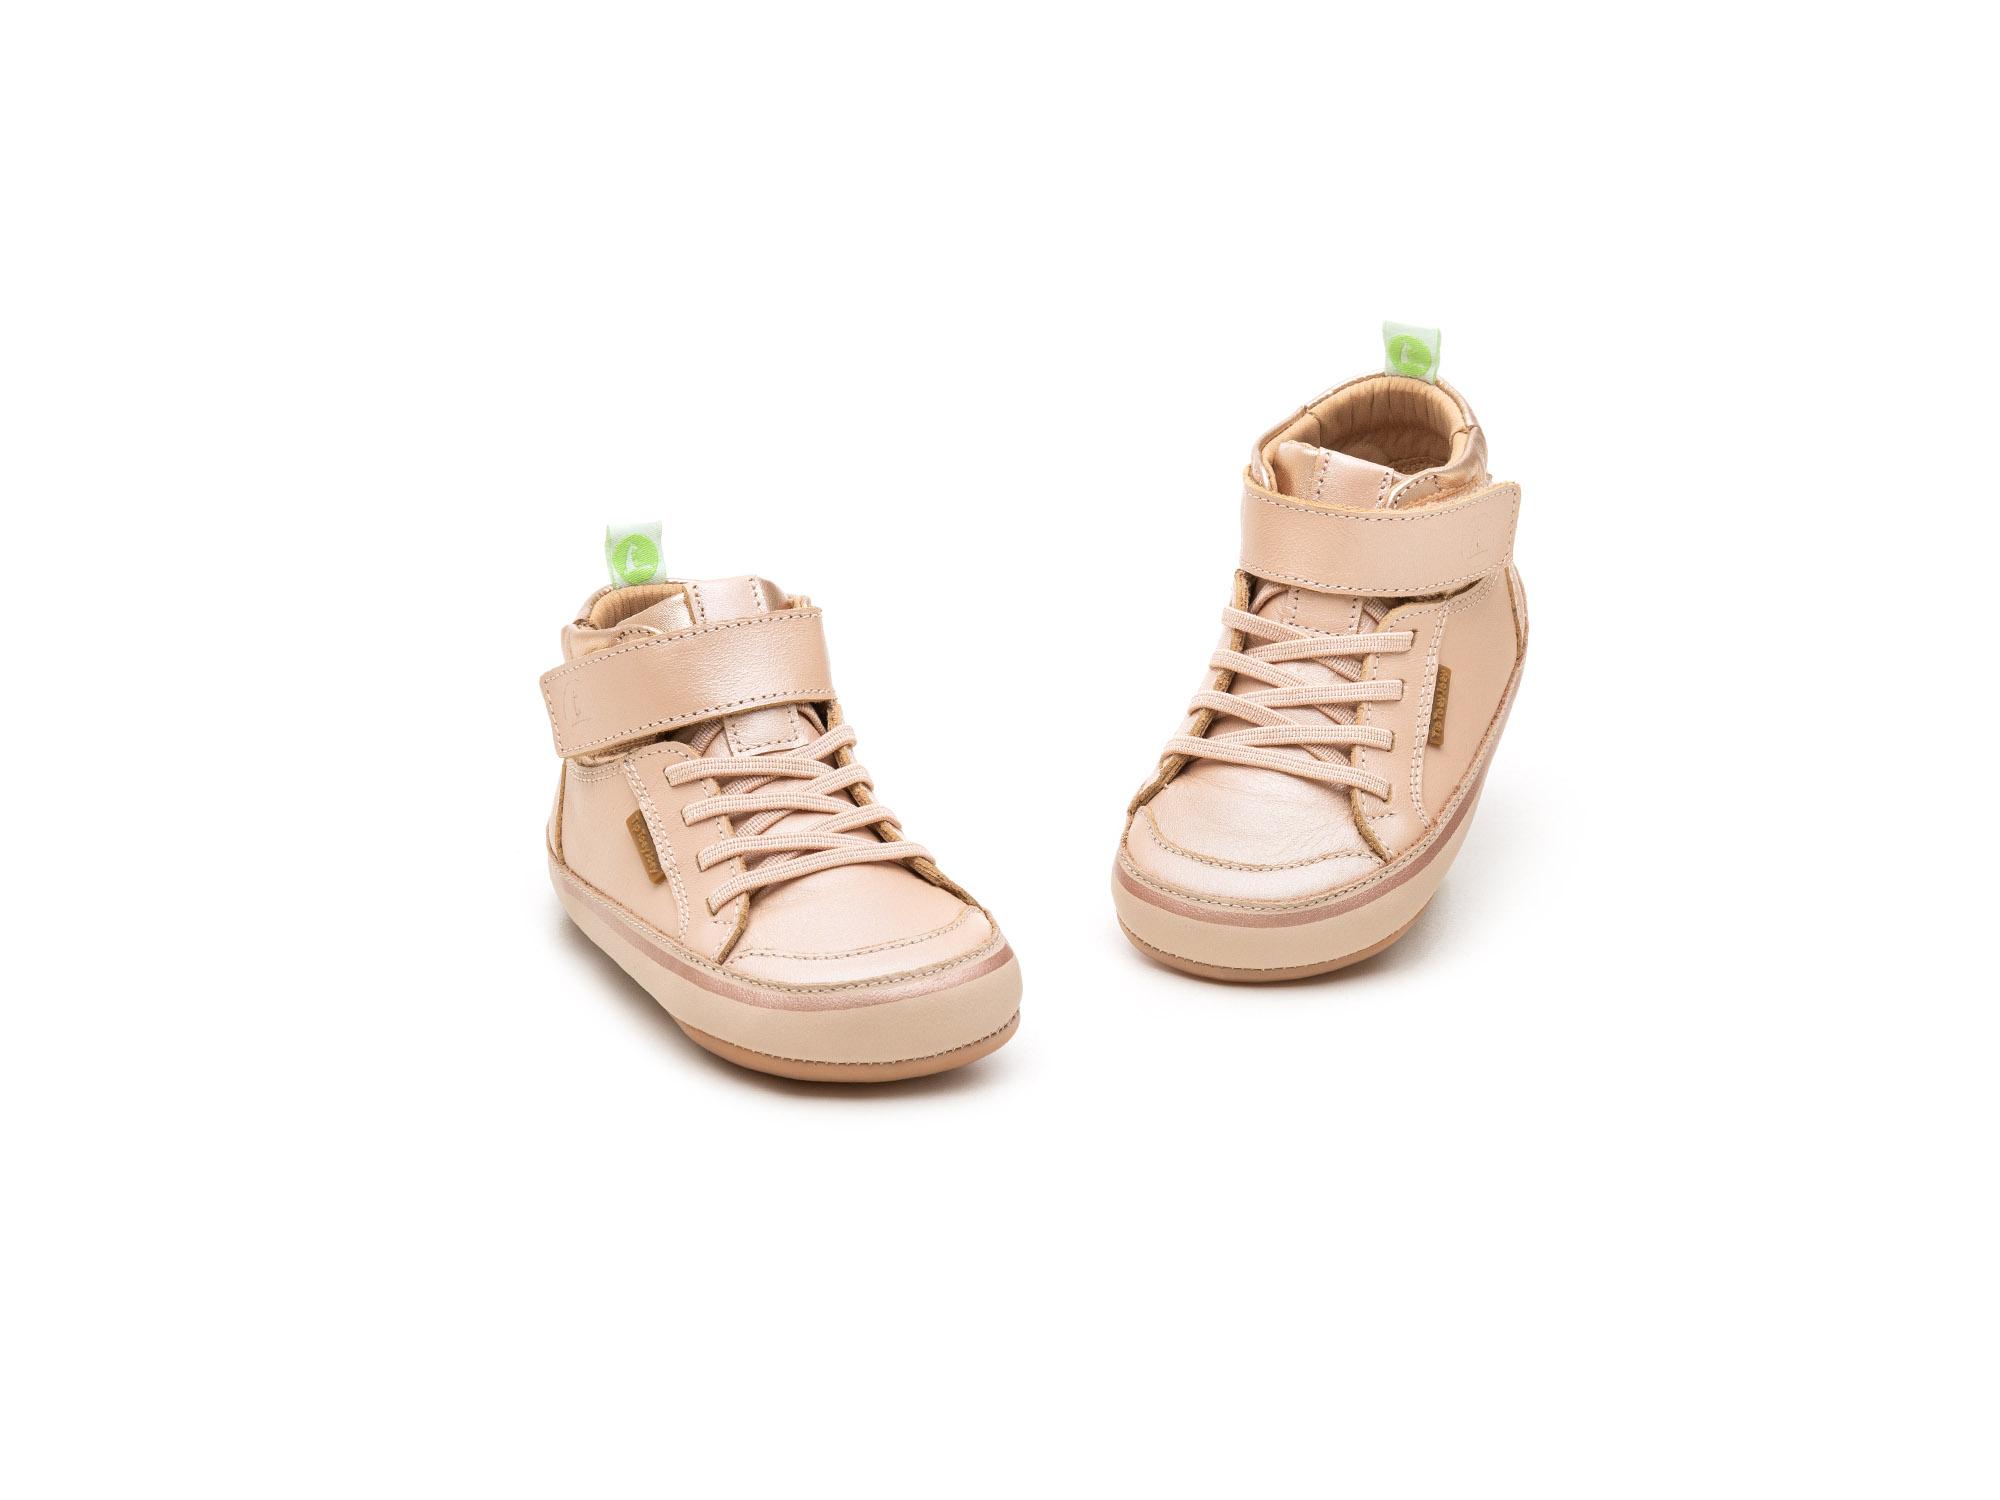 bota Bebê feminino alley